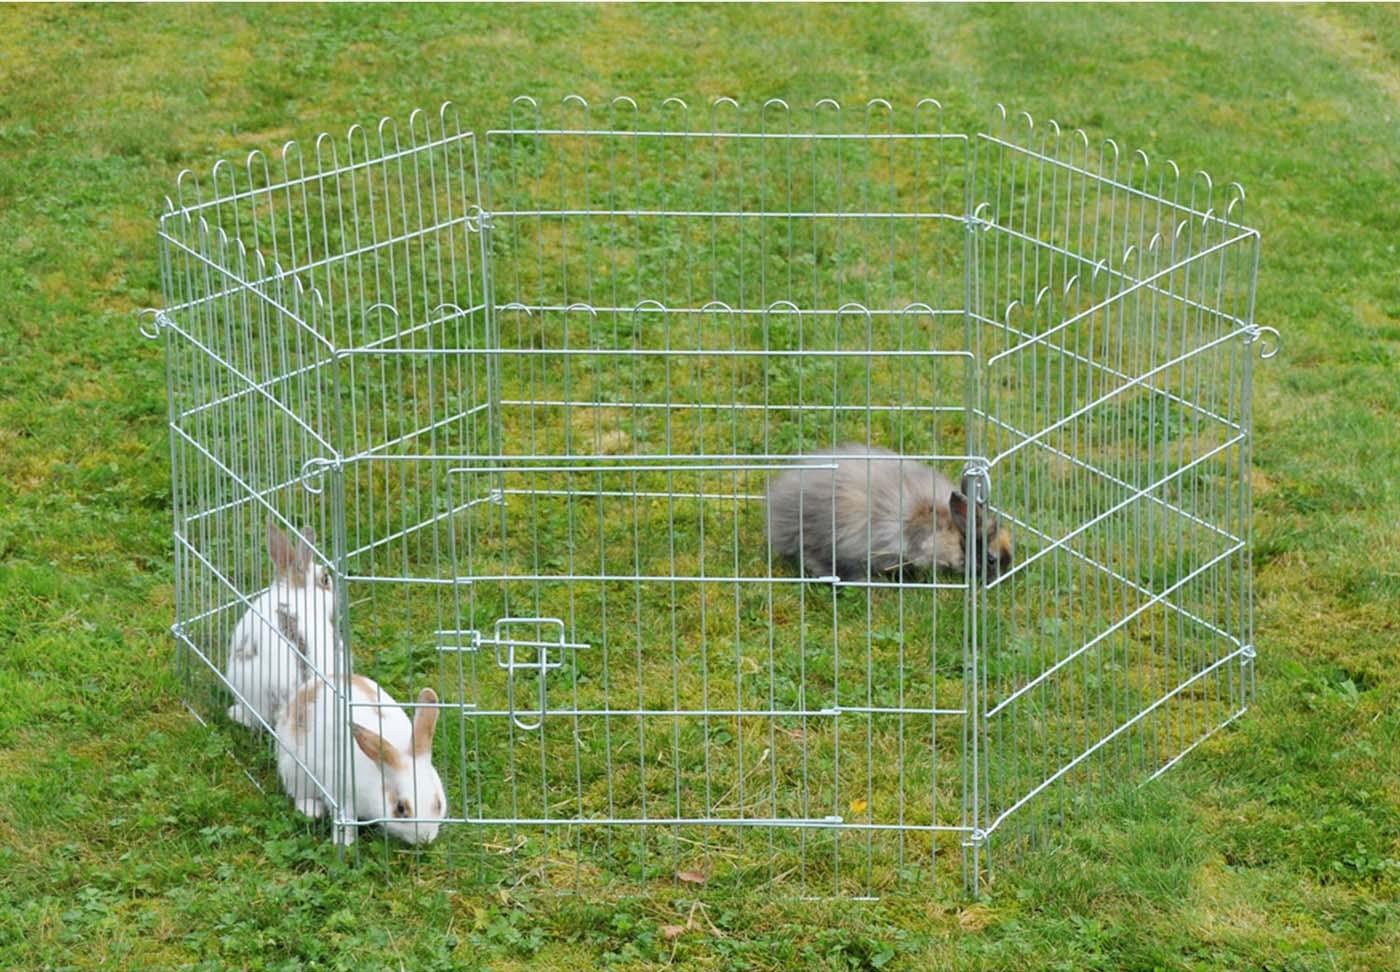 freigehege kaninchen kaninchen freigehege angebote auf waterige kaninchenstall 2x1m freigehege. Black Bedroom Furniture Sets. Home Design Ideas